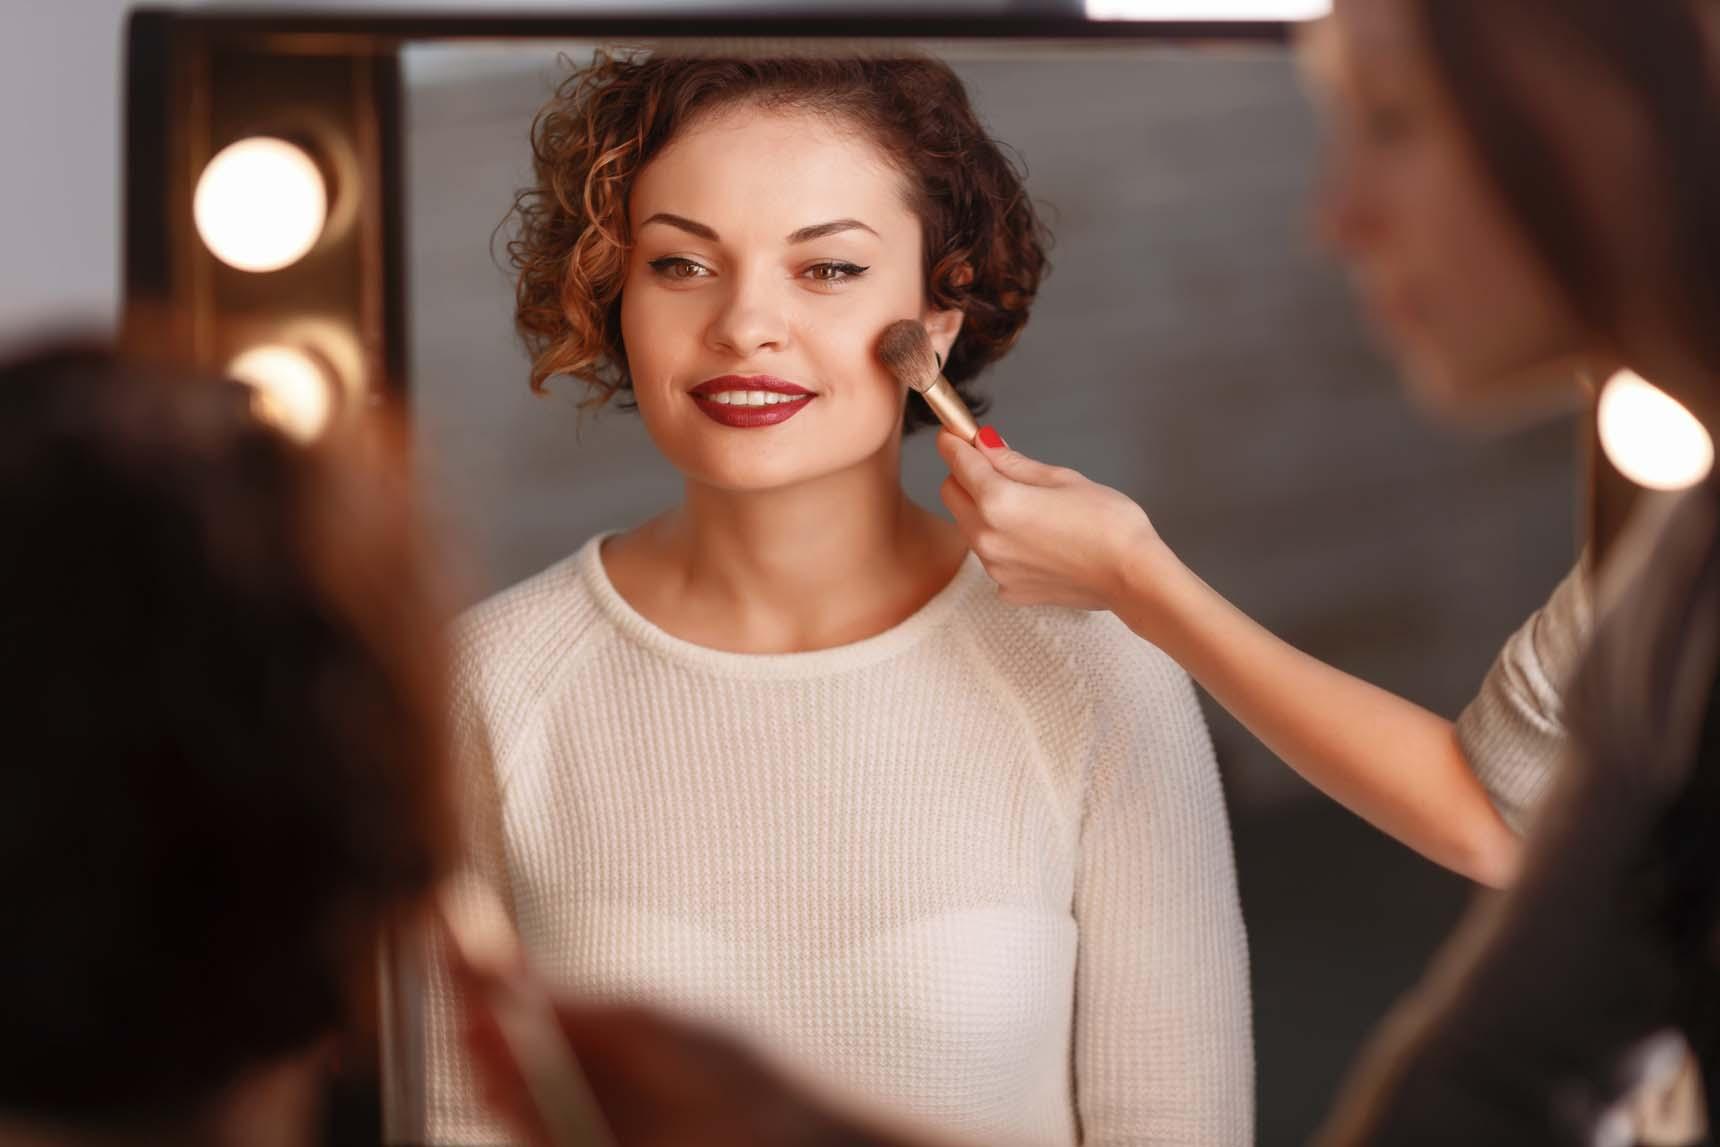 Maquillage - Bien être